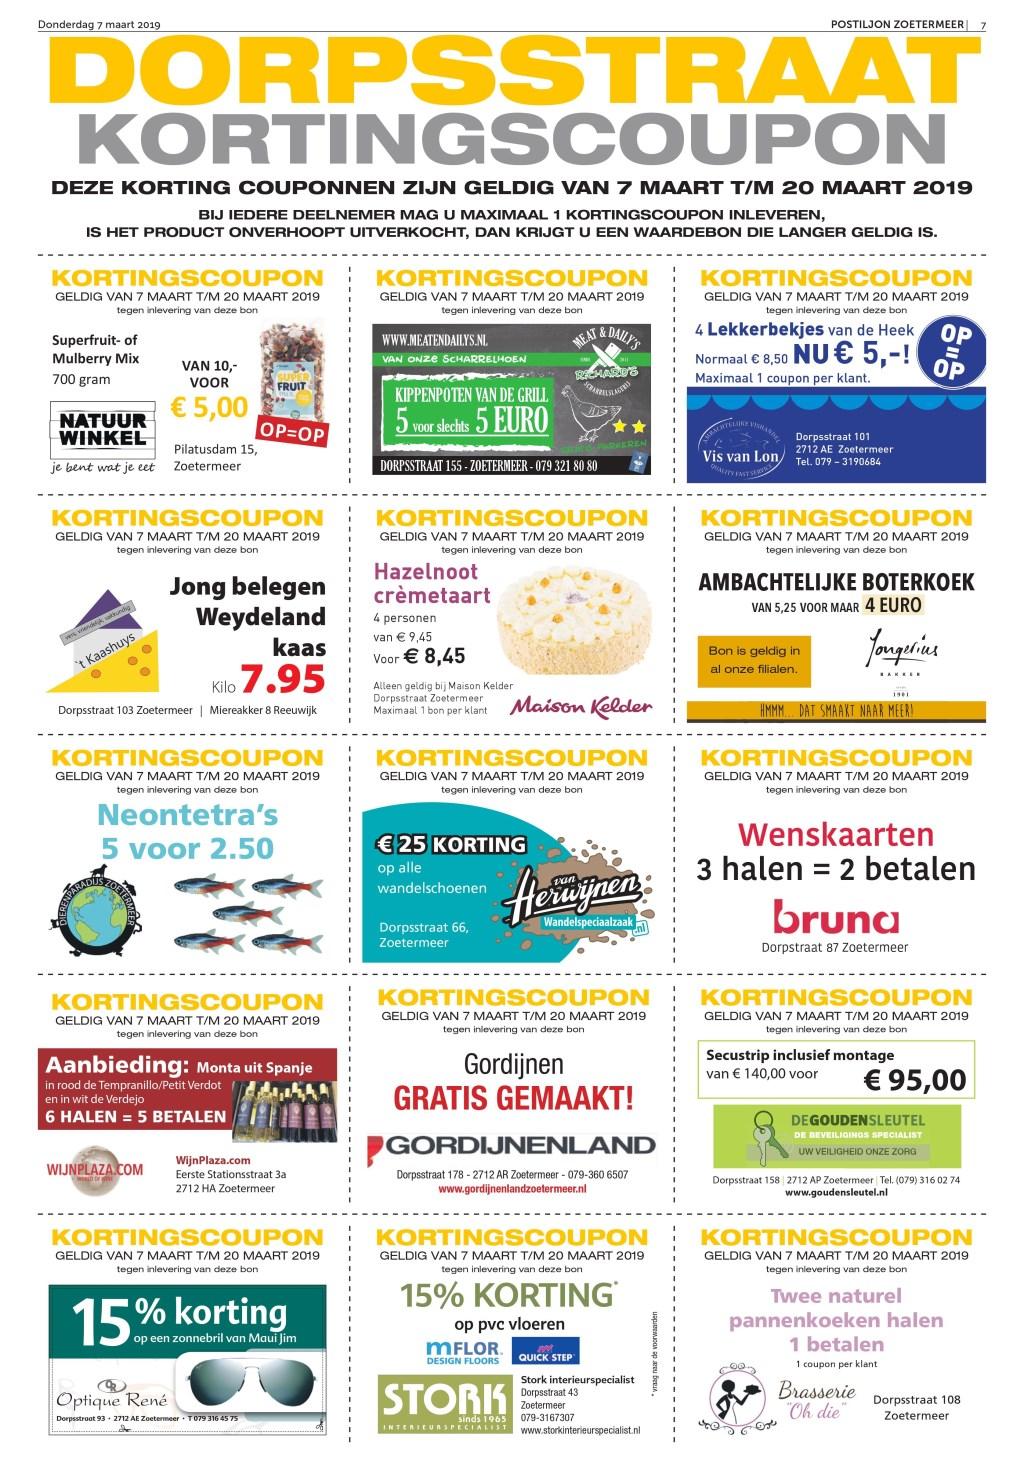 Deze en de komende weken verschijnen er in de Postiljon kortingscoupons van vele winkels uit de Dorpsstraat.  © Postiljon